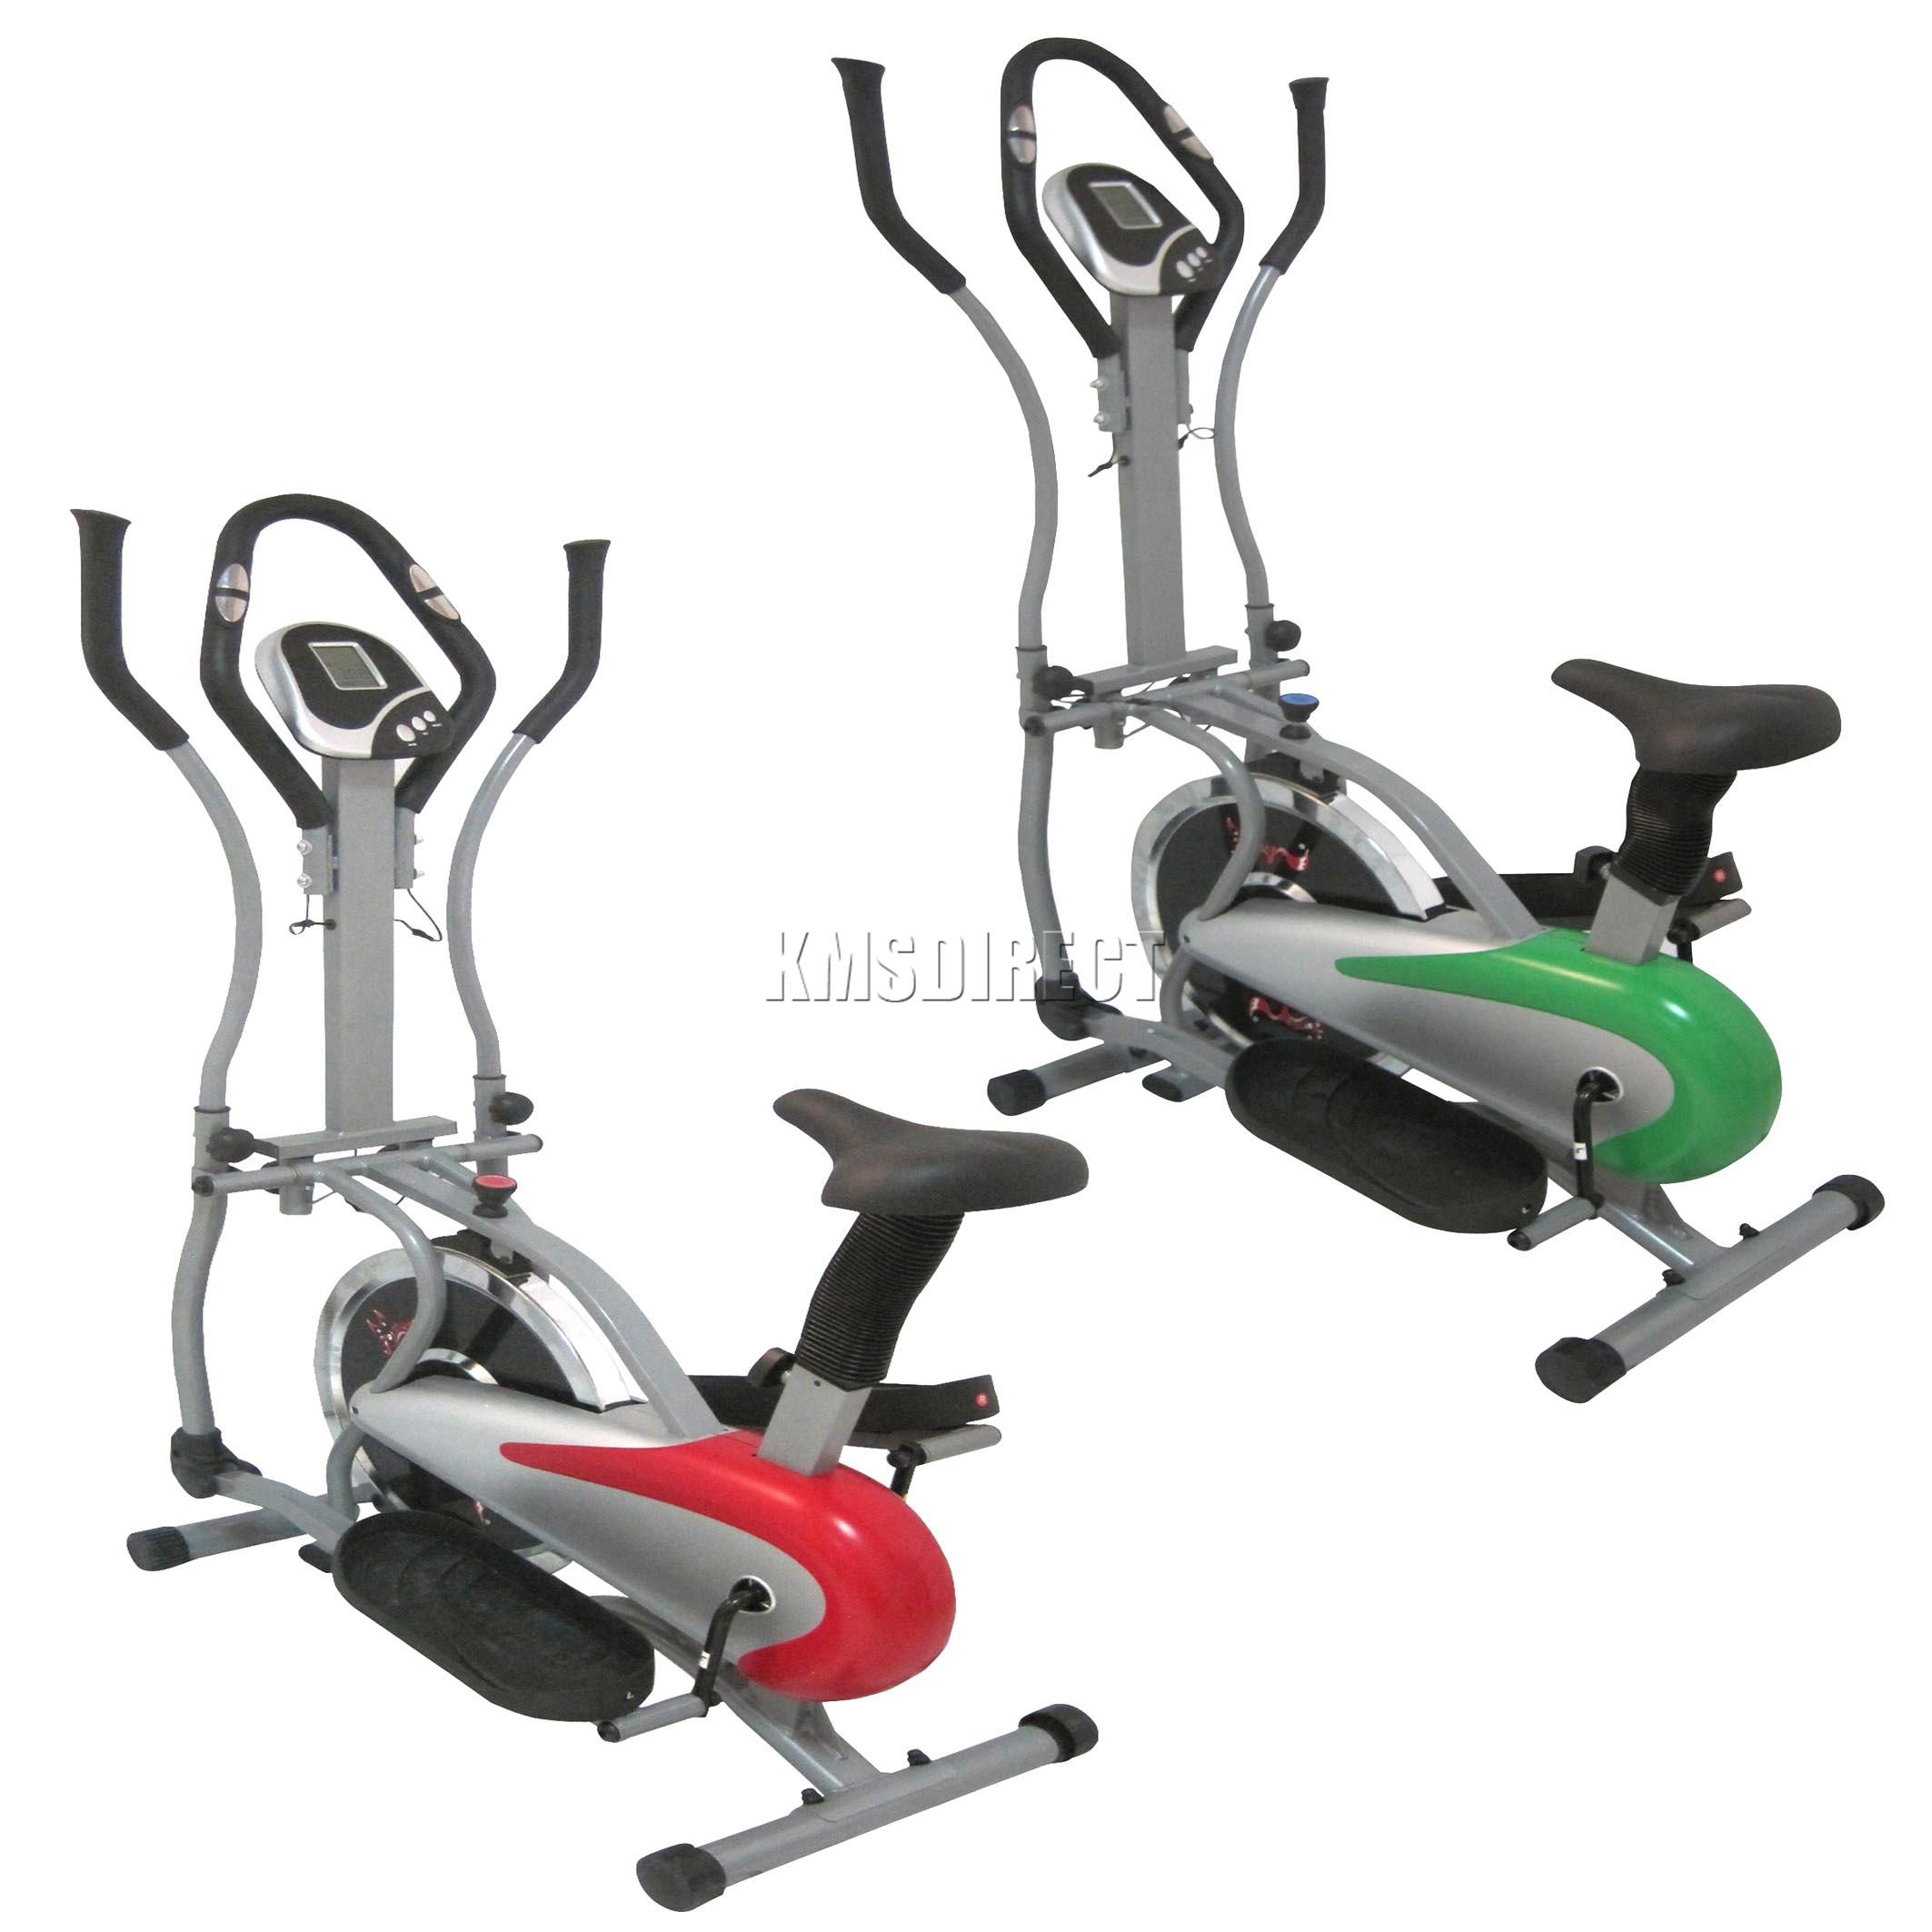 Elliptical Bike That Moves: FoxHunter Exercise Bike Elliptical Cross Trainer Fitness